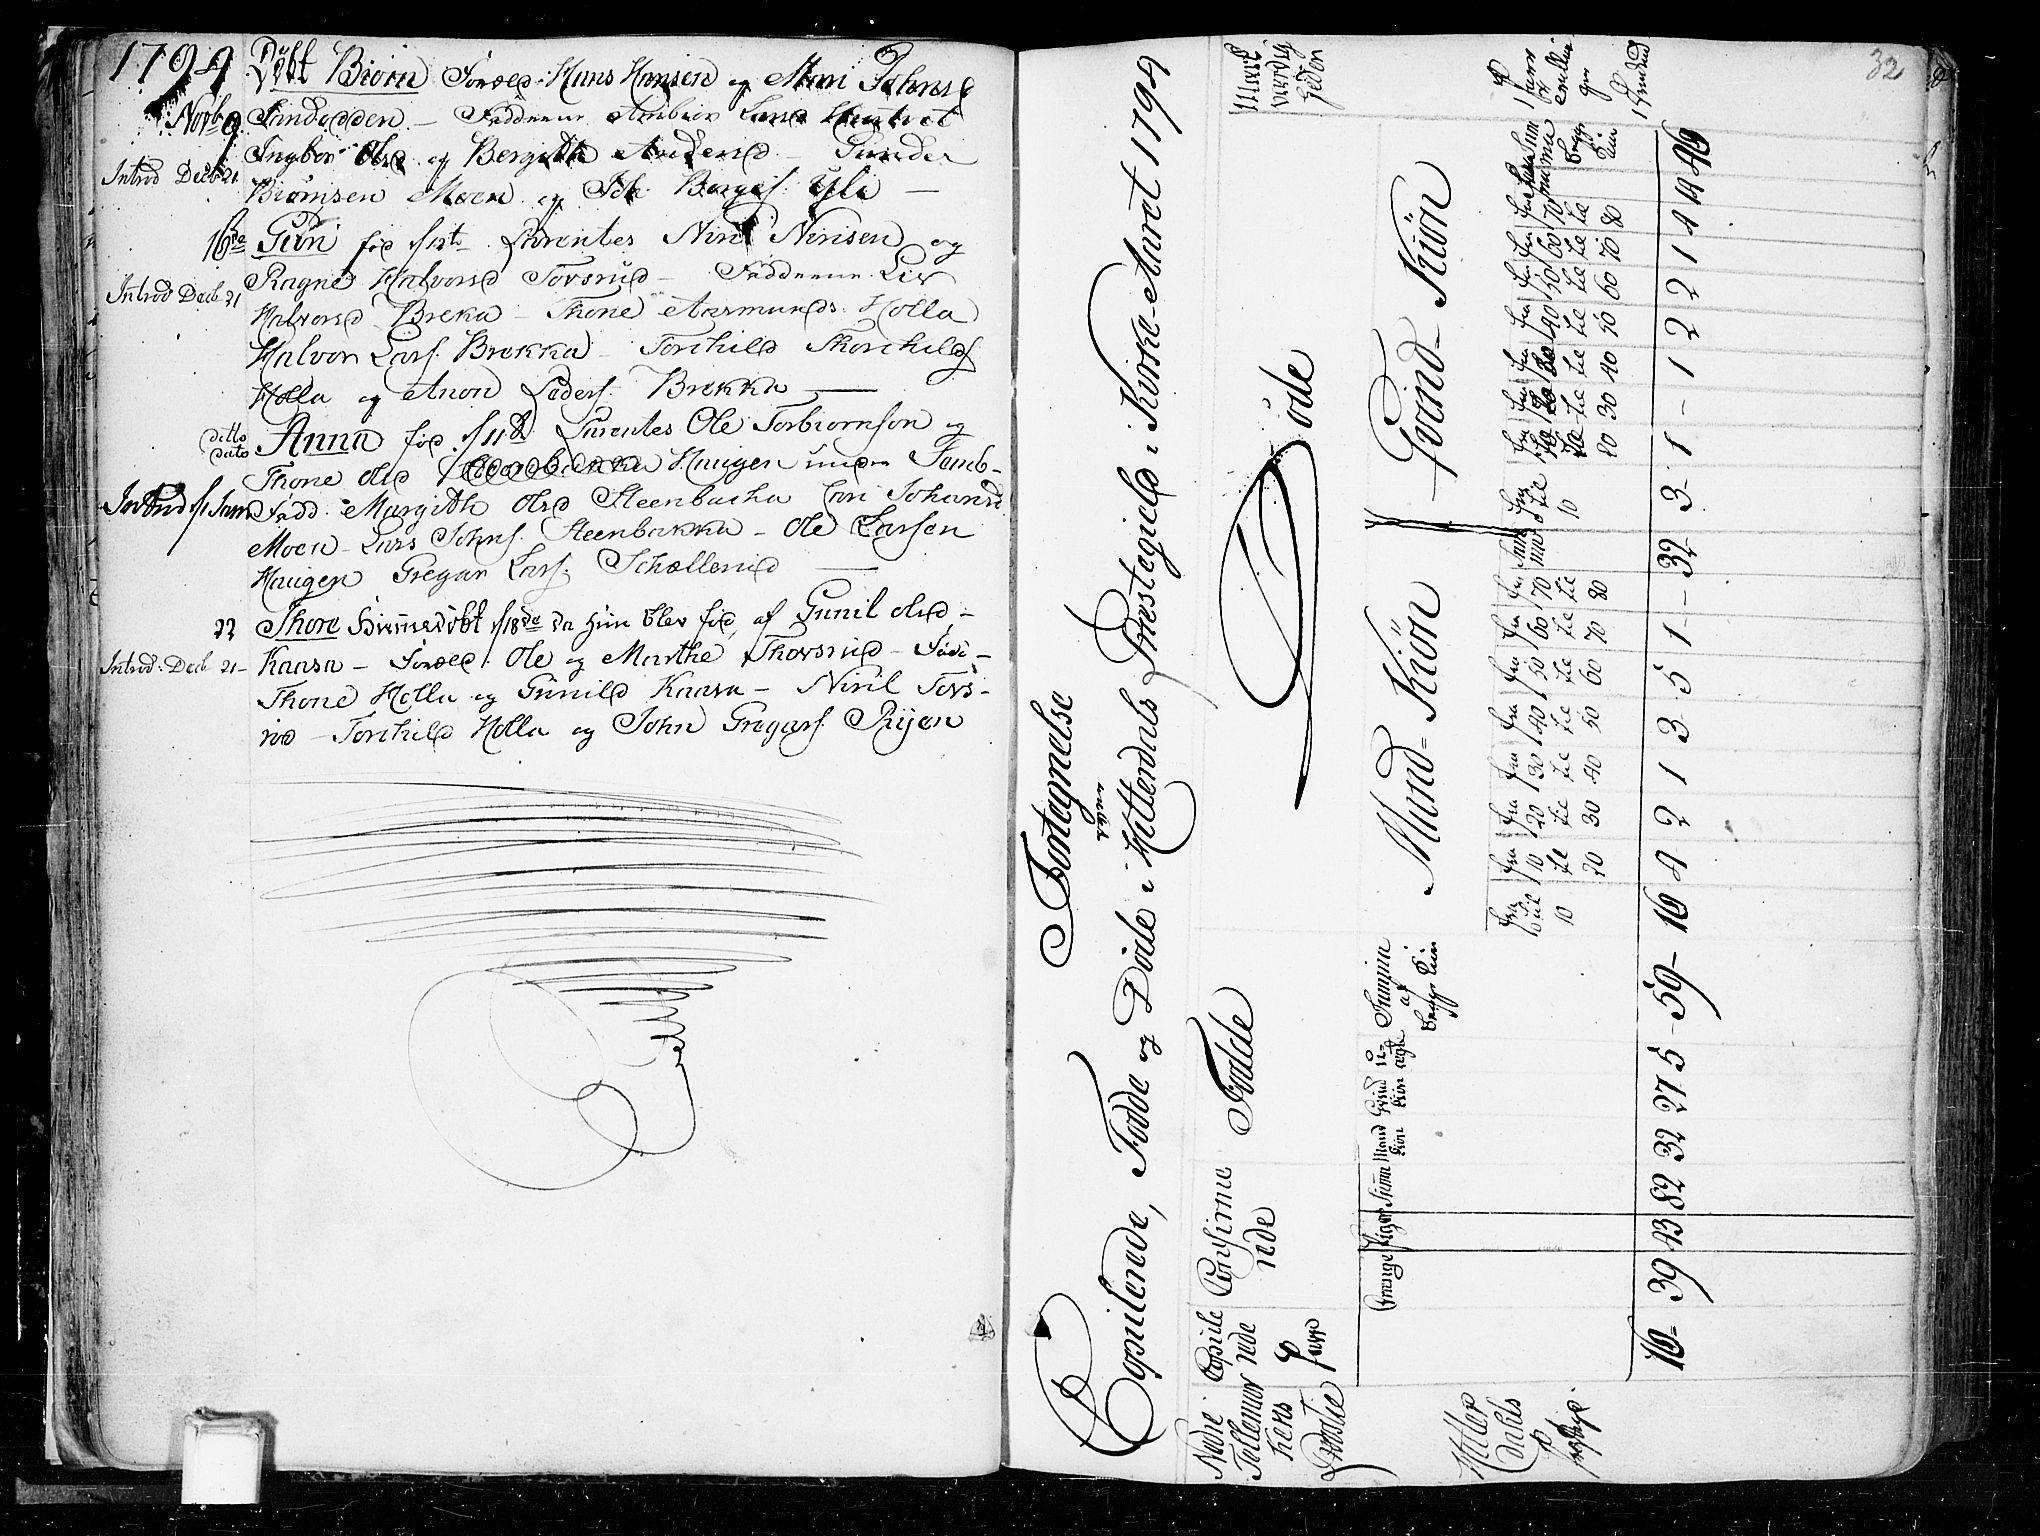 SAKO, Heddal kirkebøker, F/Fa/L0004: Ministerialbok nr. I 4, 1784-1814, s. 32